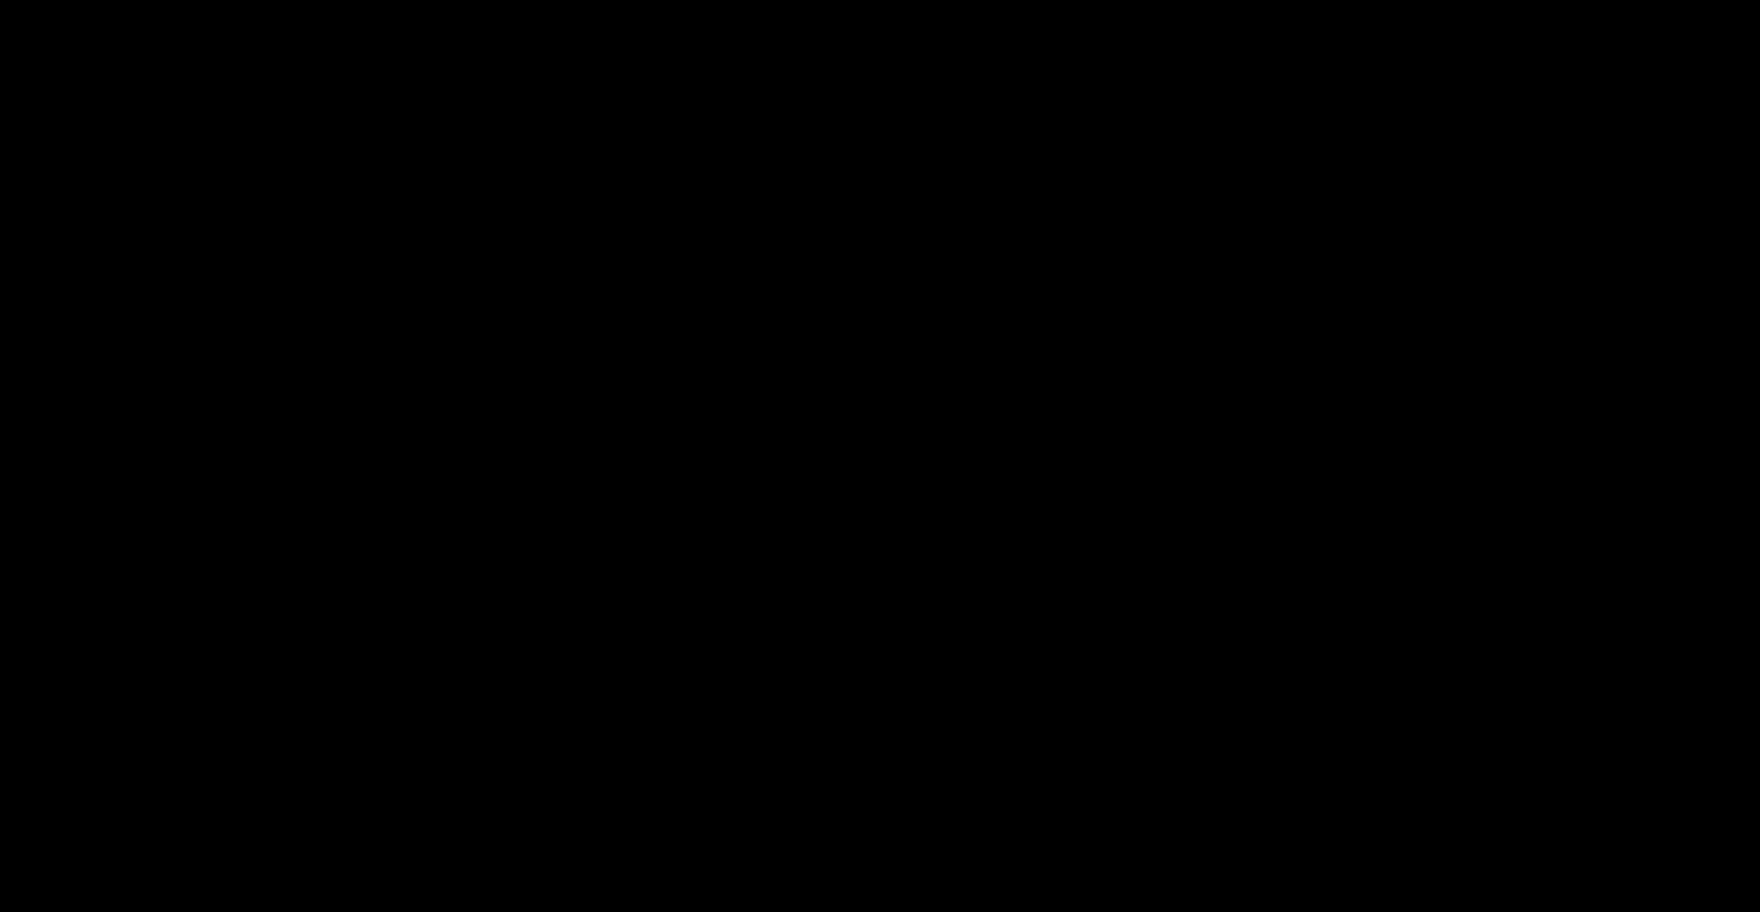 Ilustración de clipart de Lineas negras en PNG, SVG